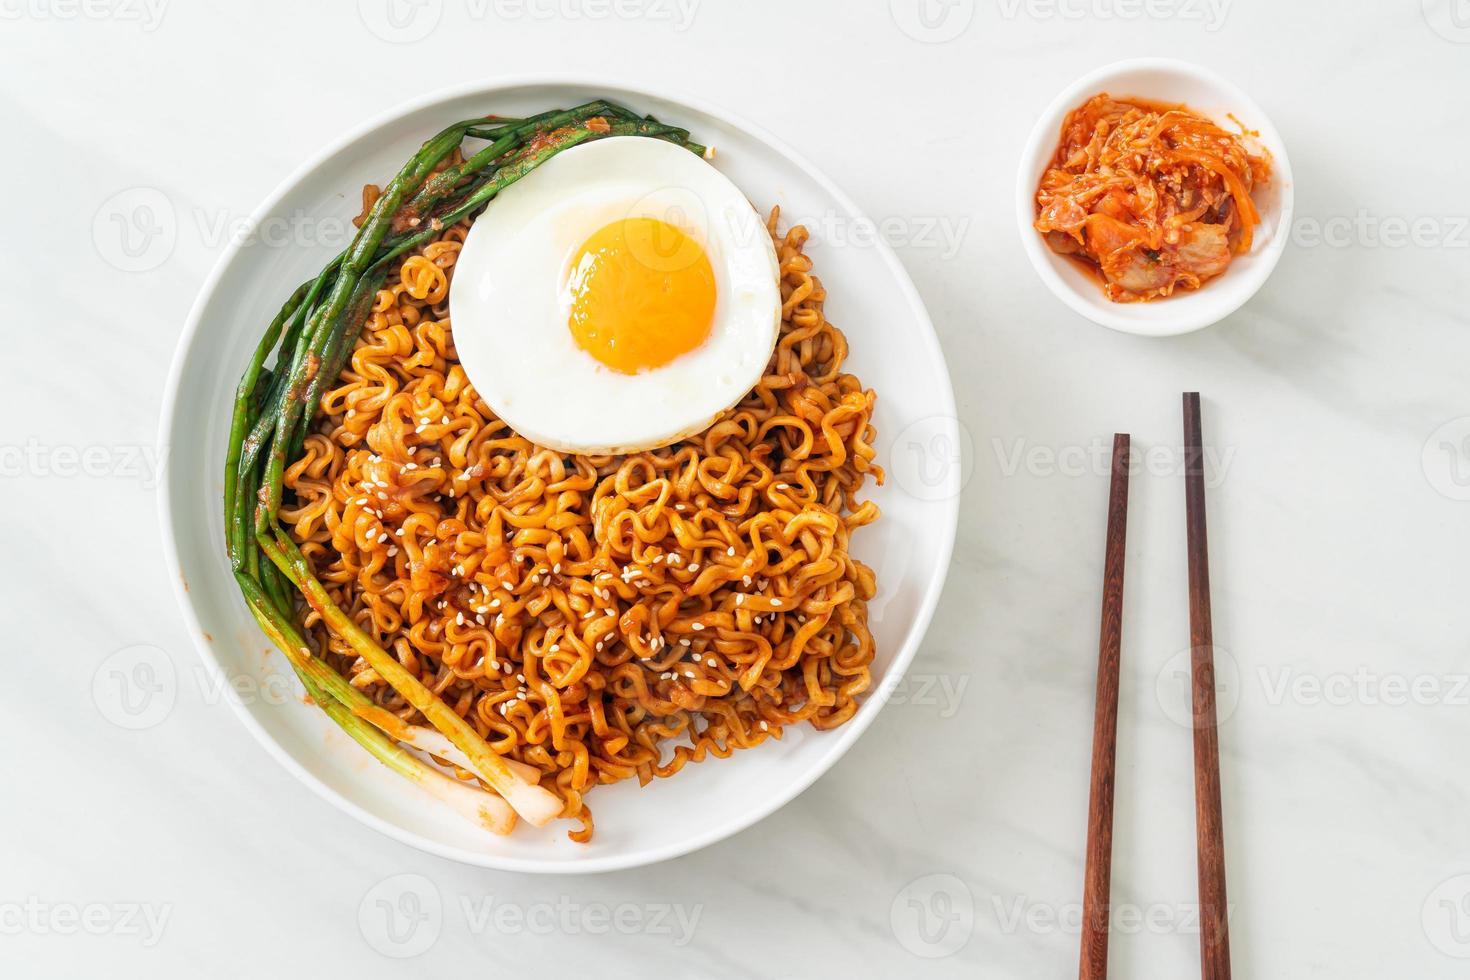 nouilles instantanées épicées coréennes séchées maison avec œuf au plat photo